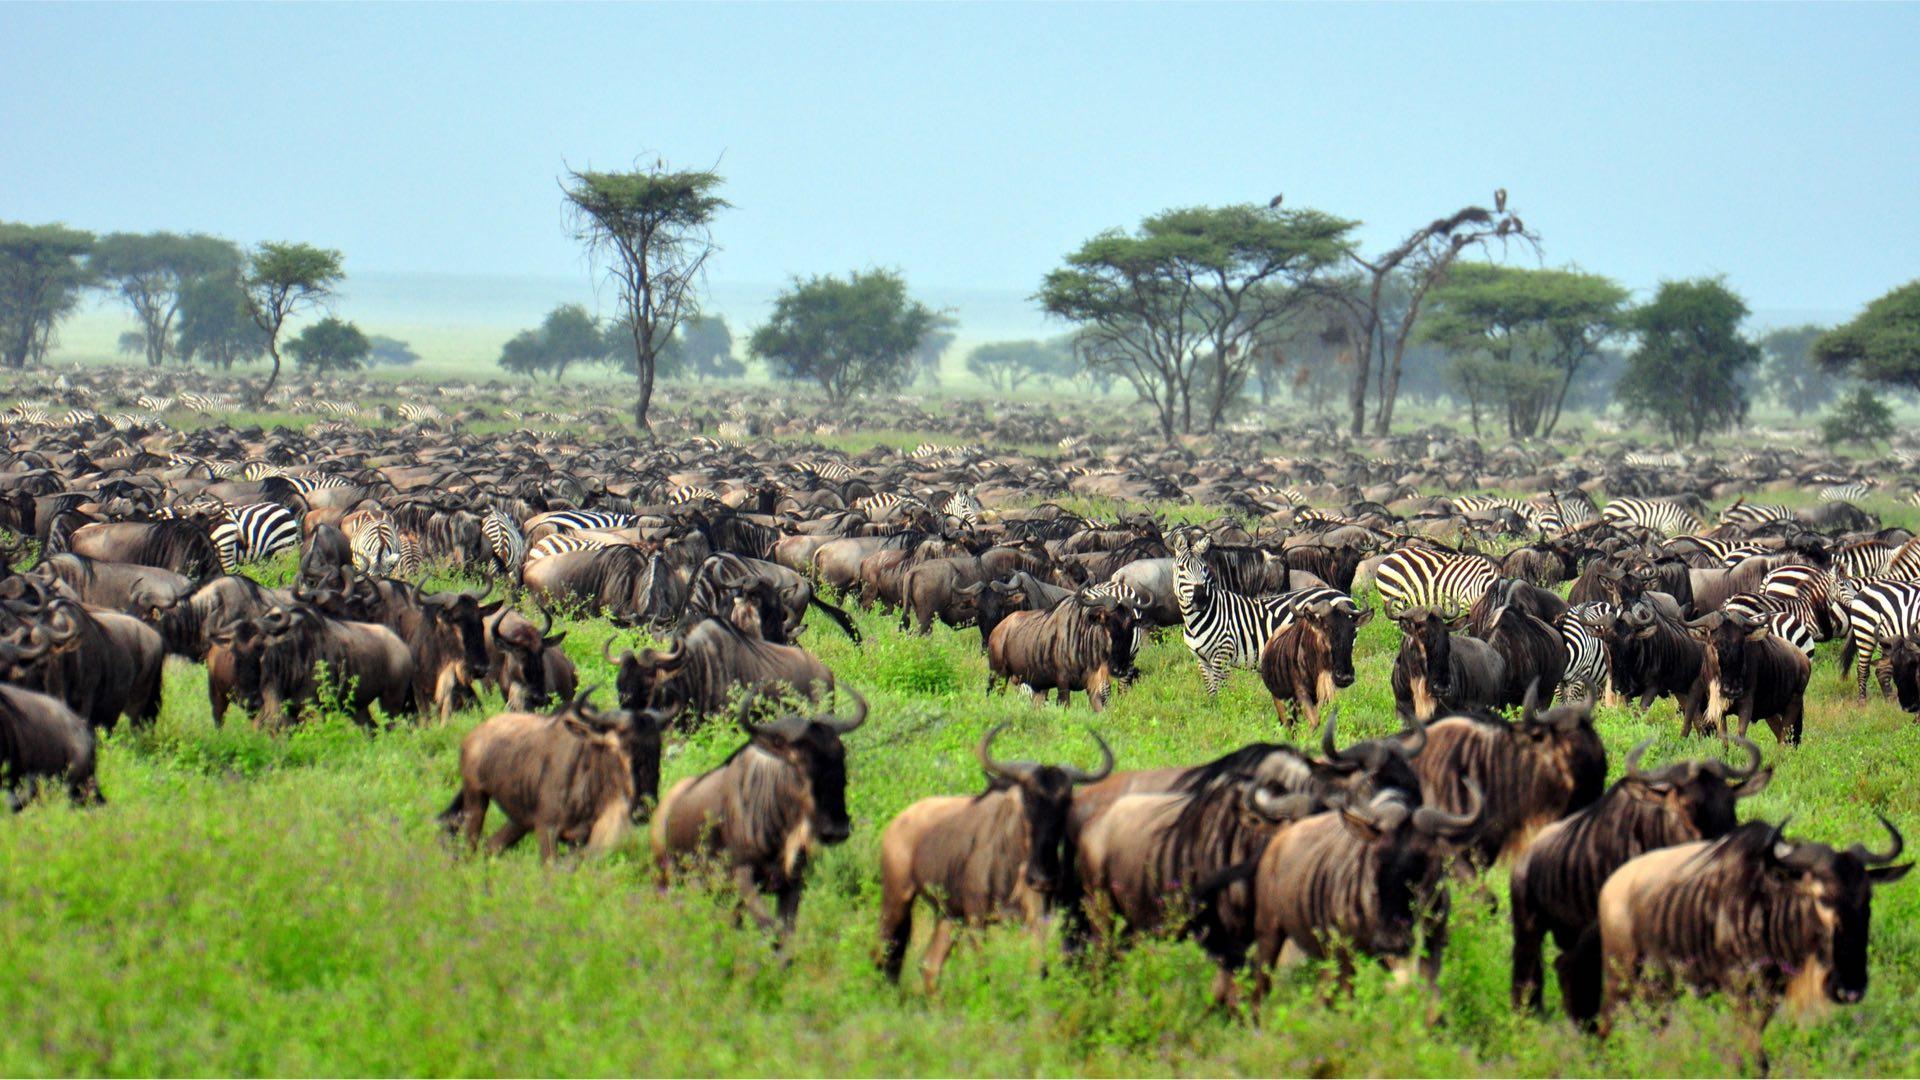 Afrika | Tansania | ©EastVillage Images/Shutterstock.com